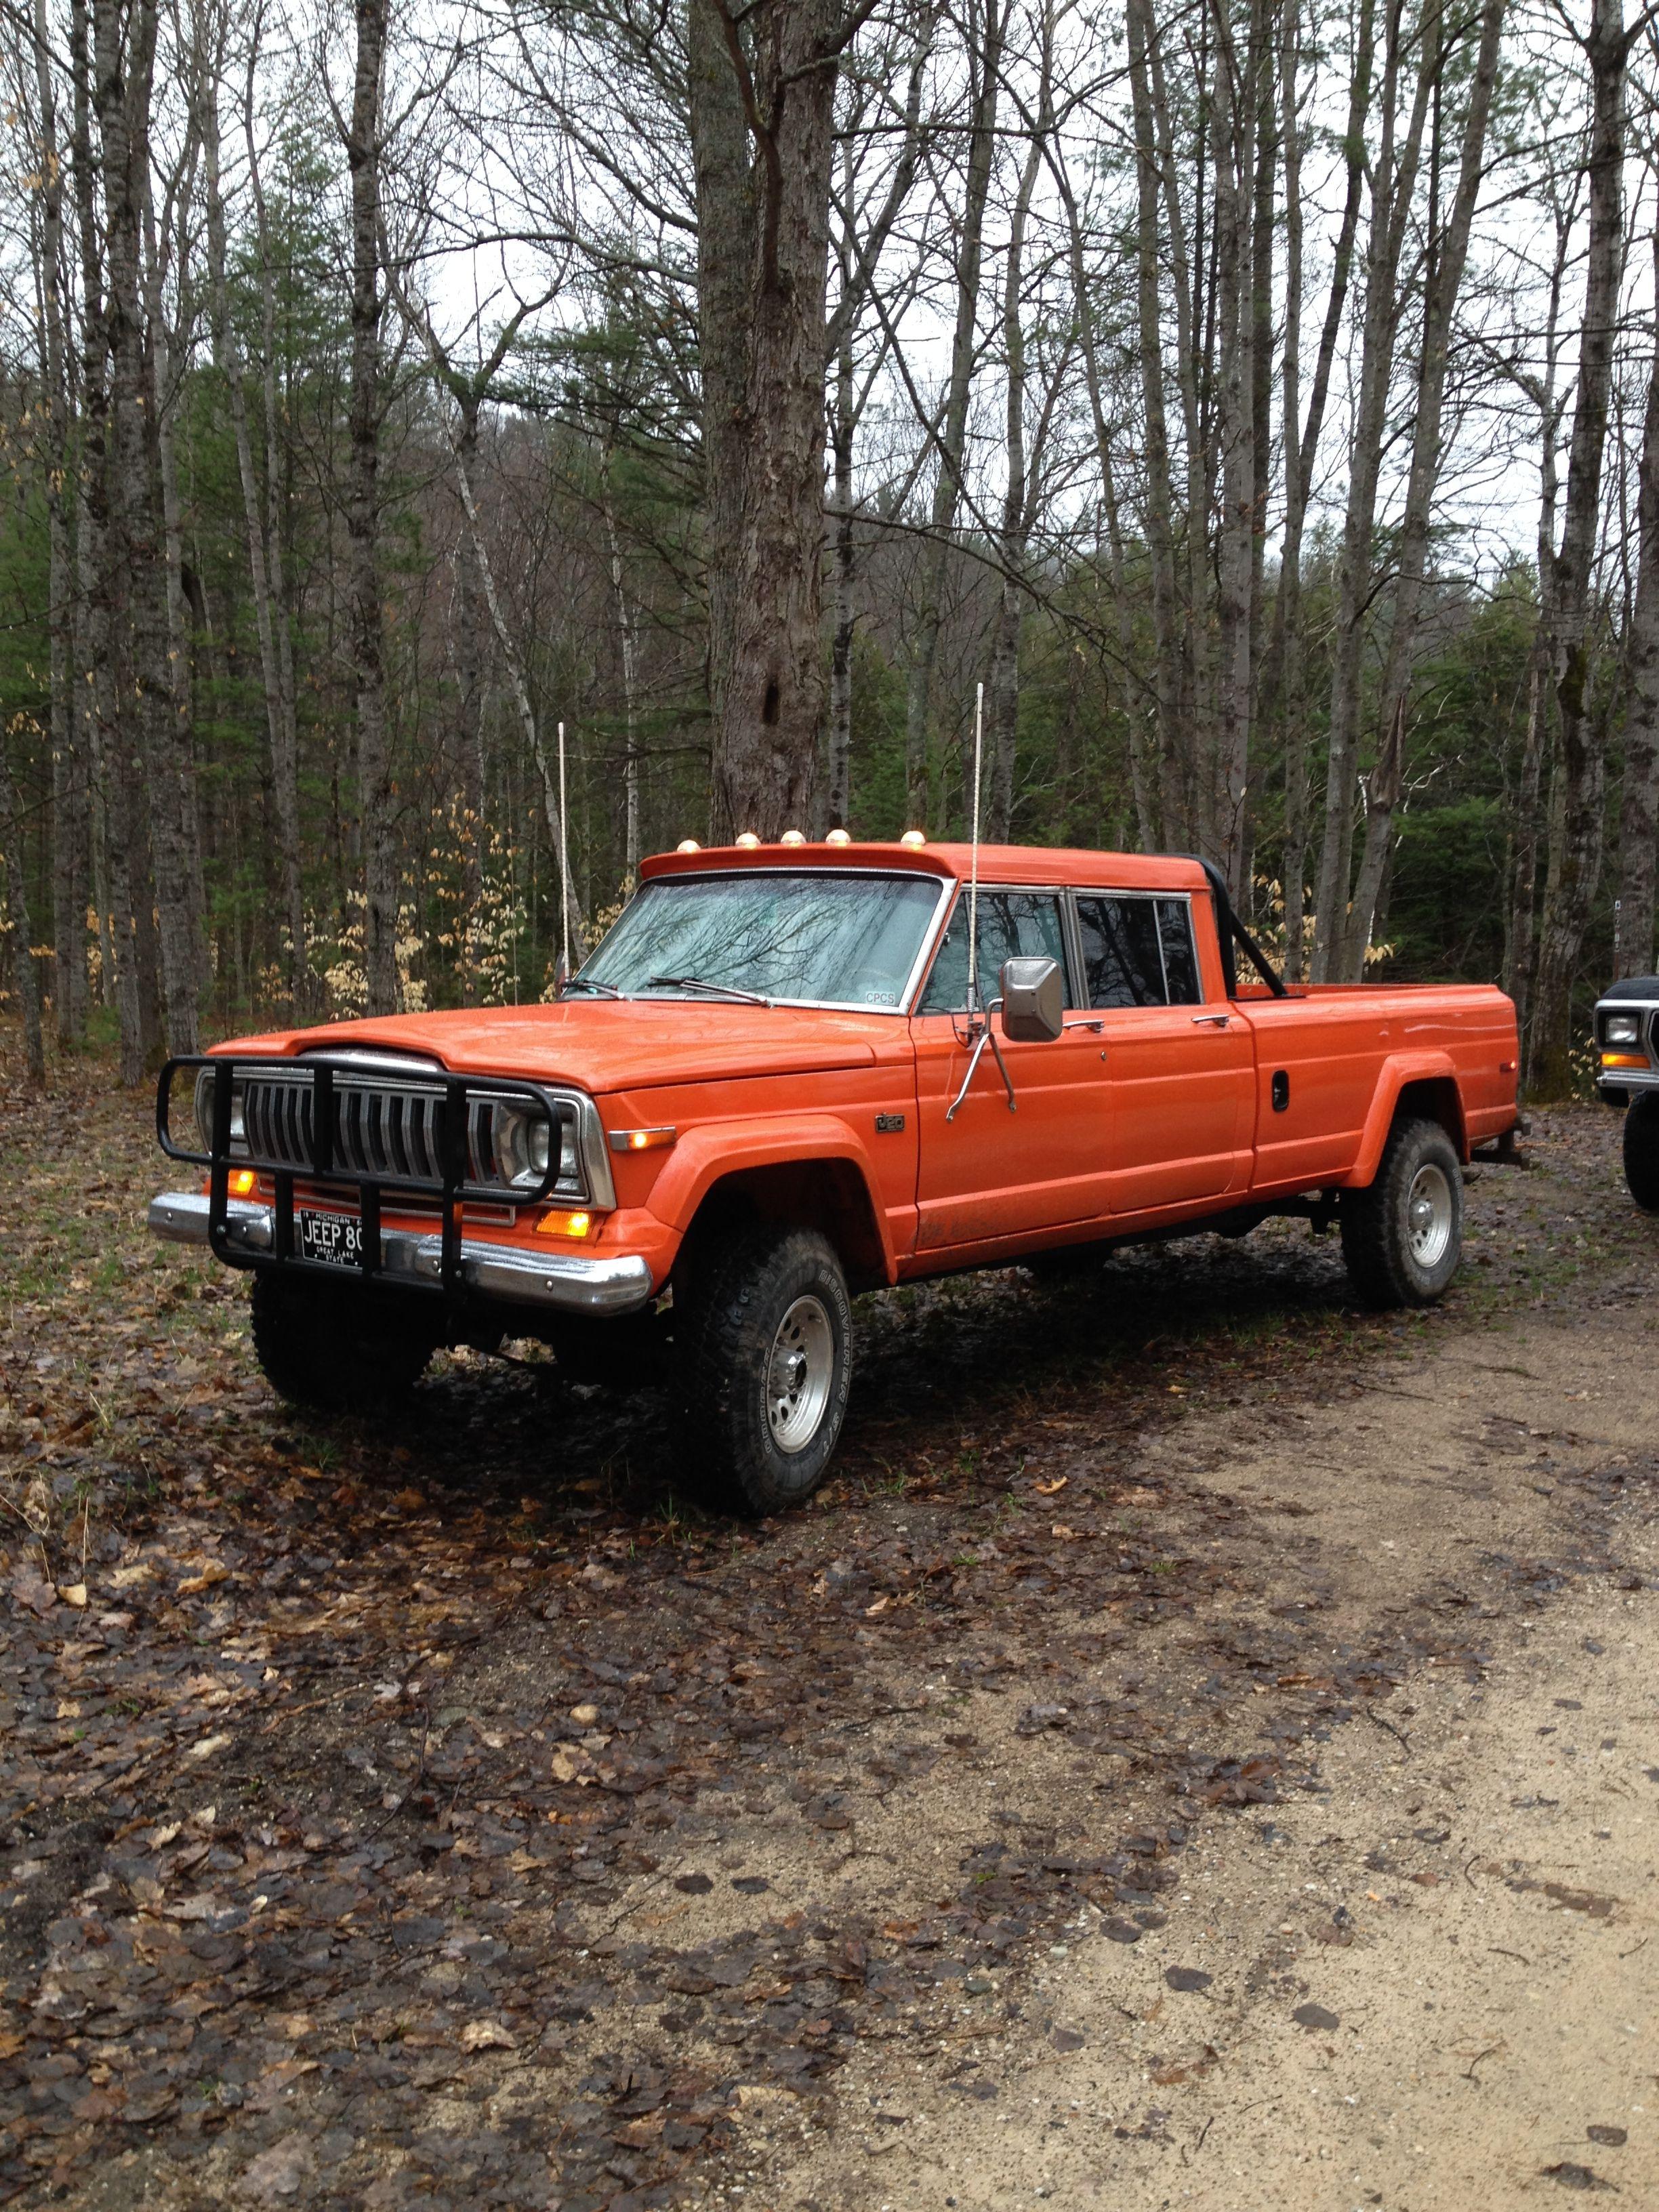 1980 j 20 jeep | jeep j20 crew cab truck | Jeep wagoneer